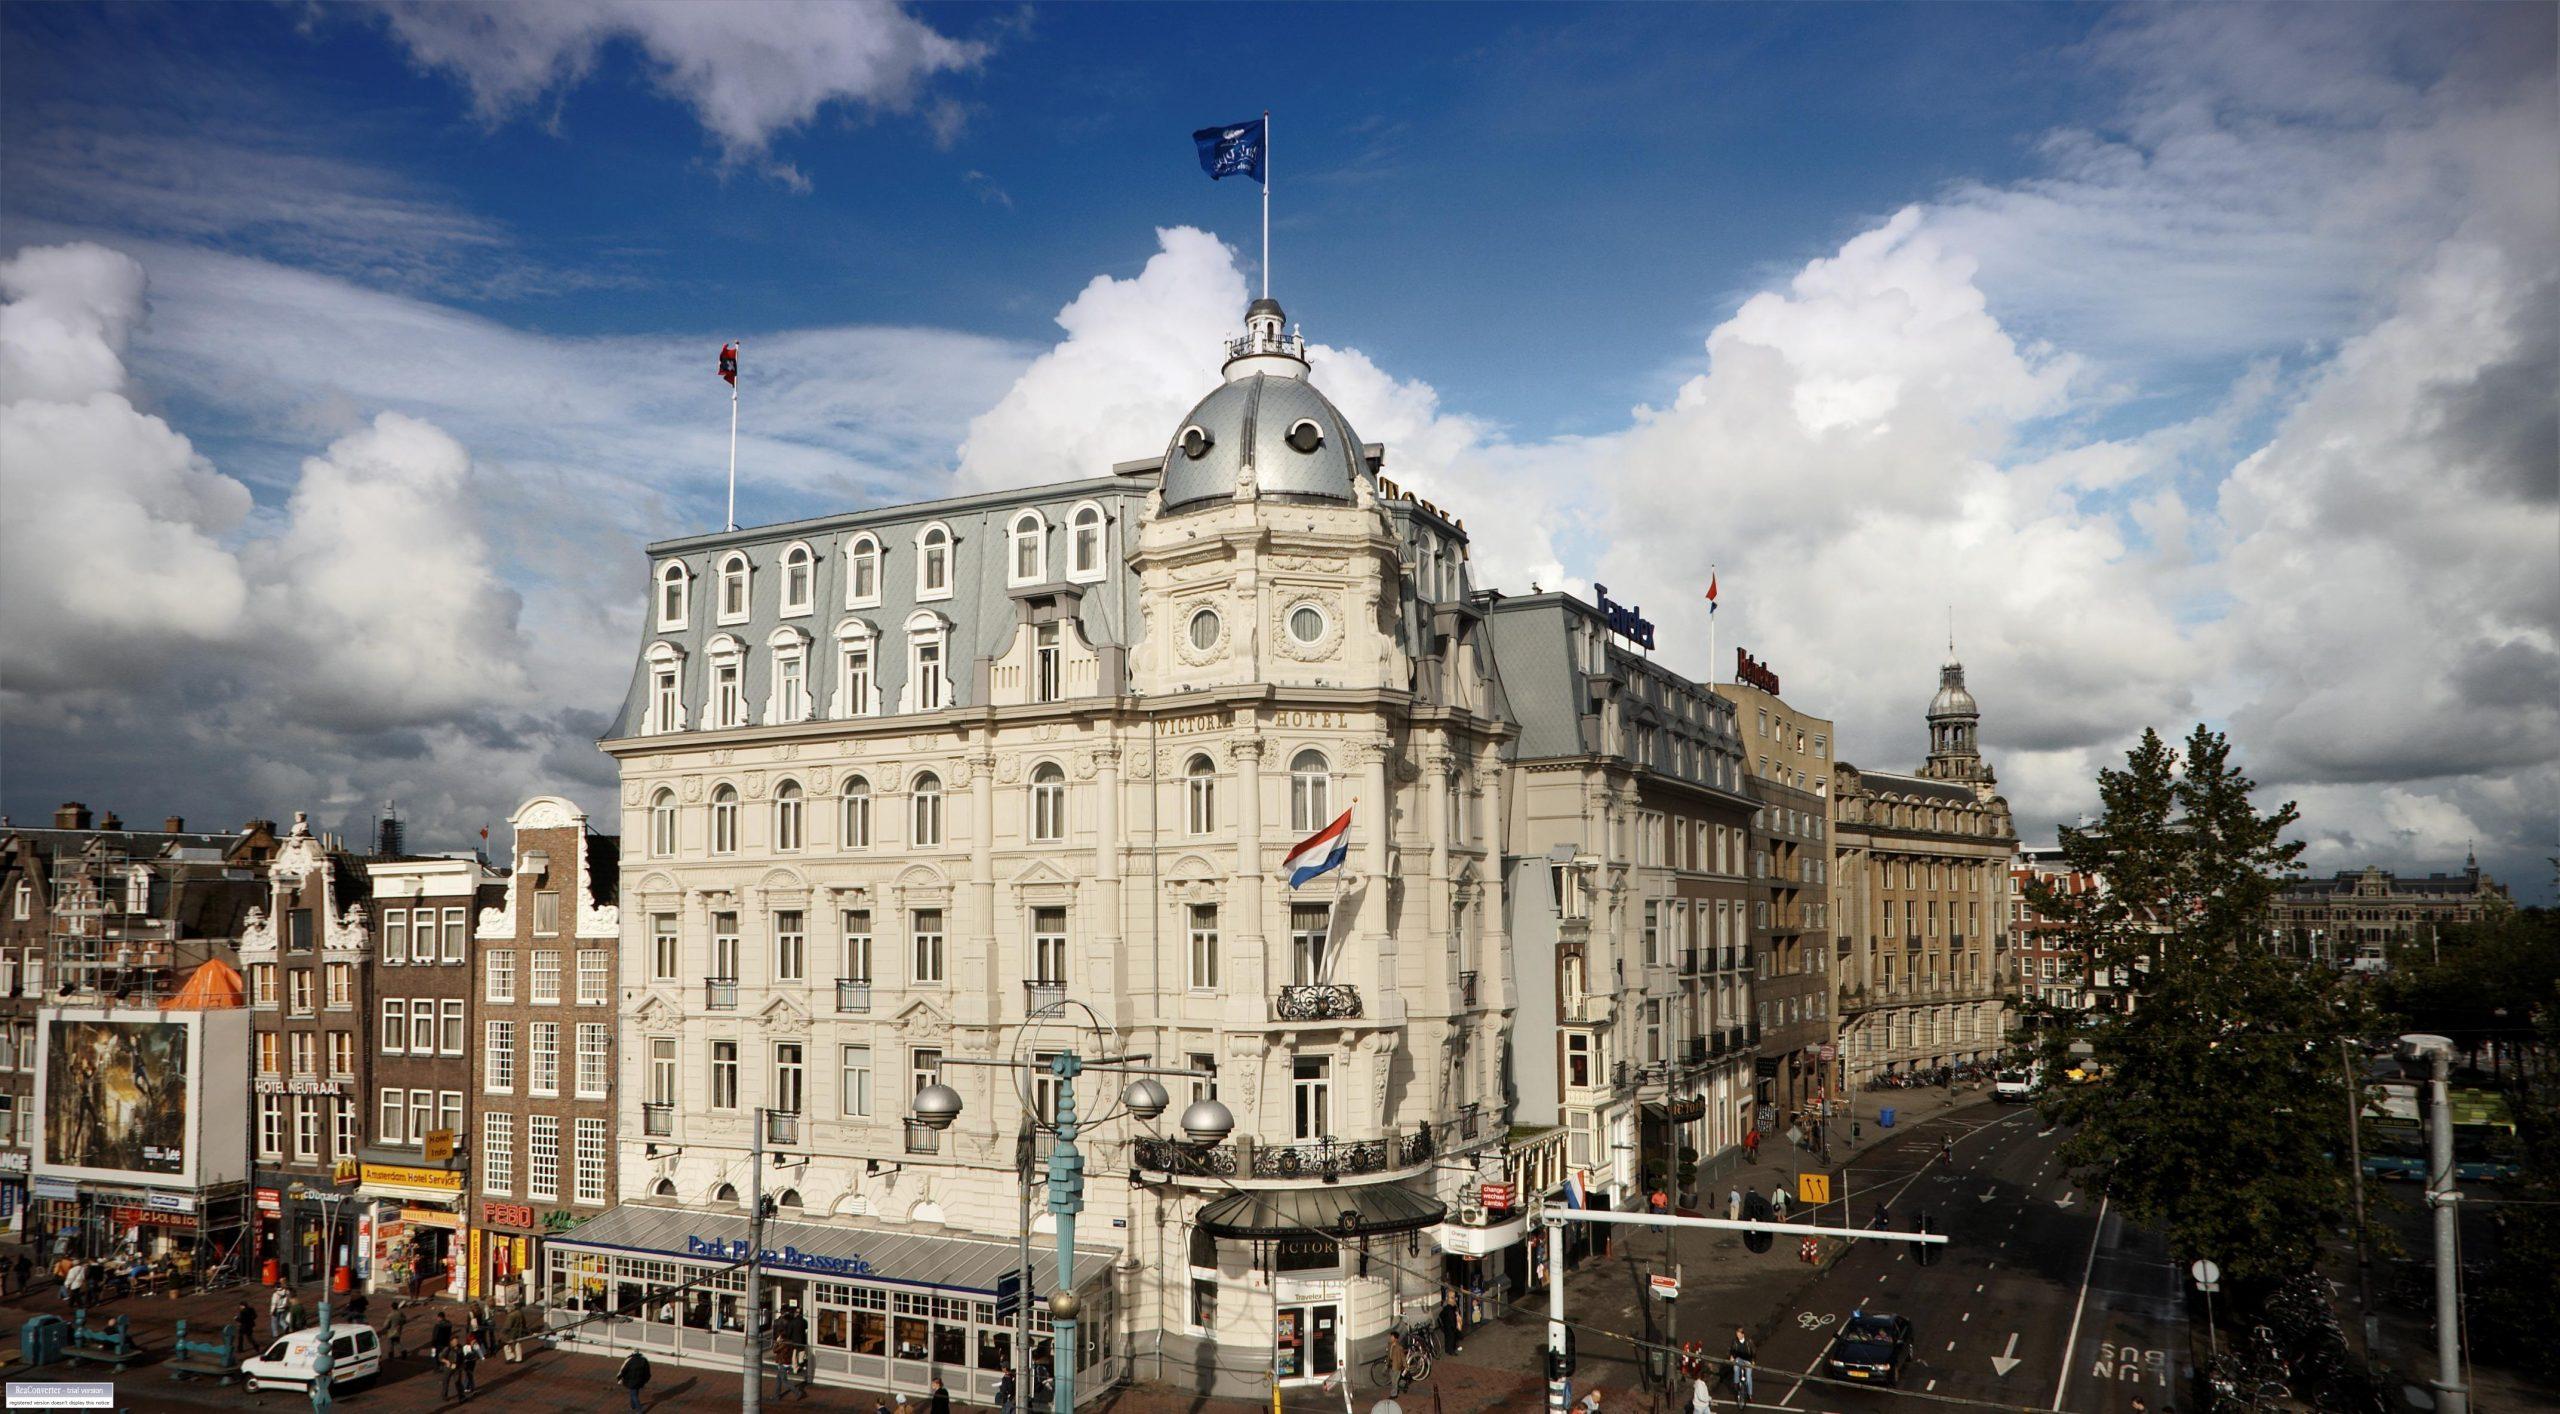 Park Plaza Victoria Hotel